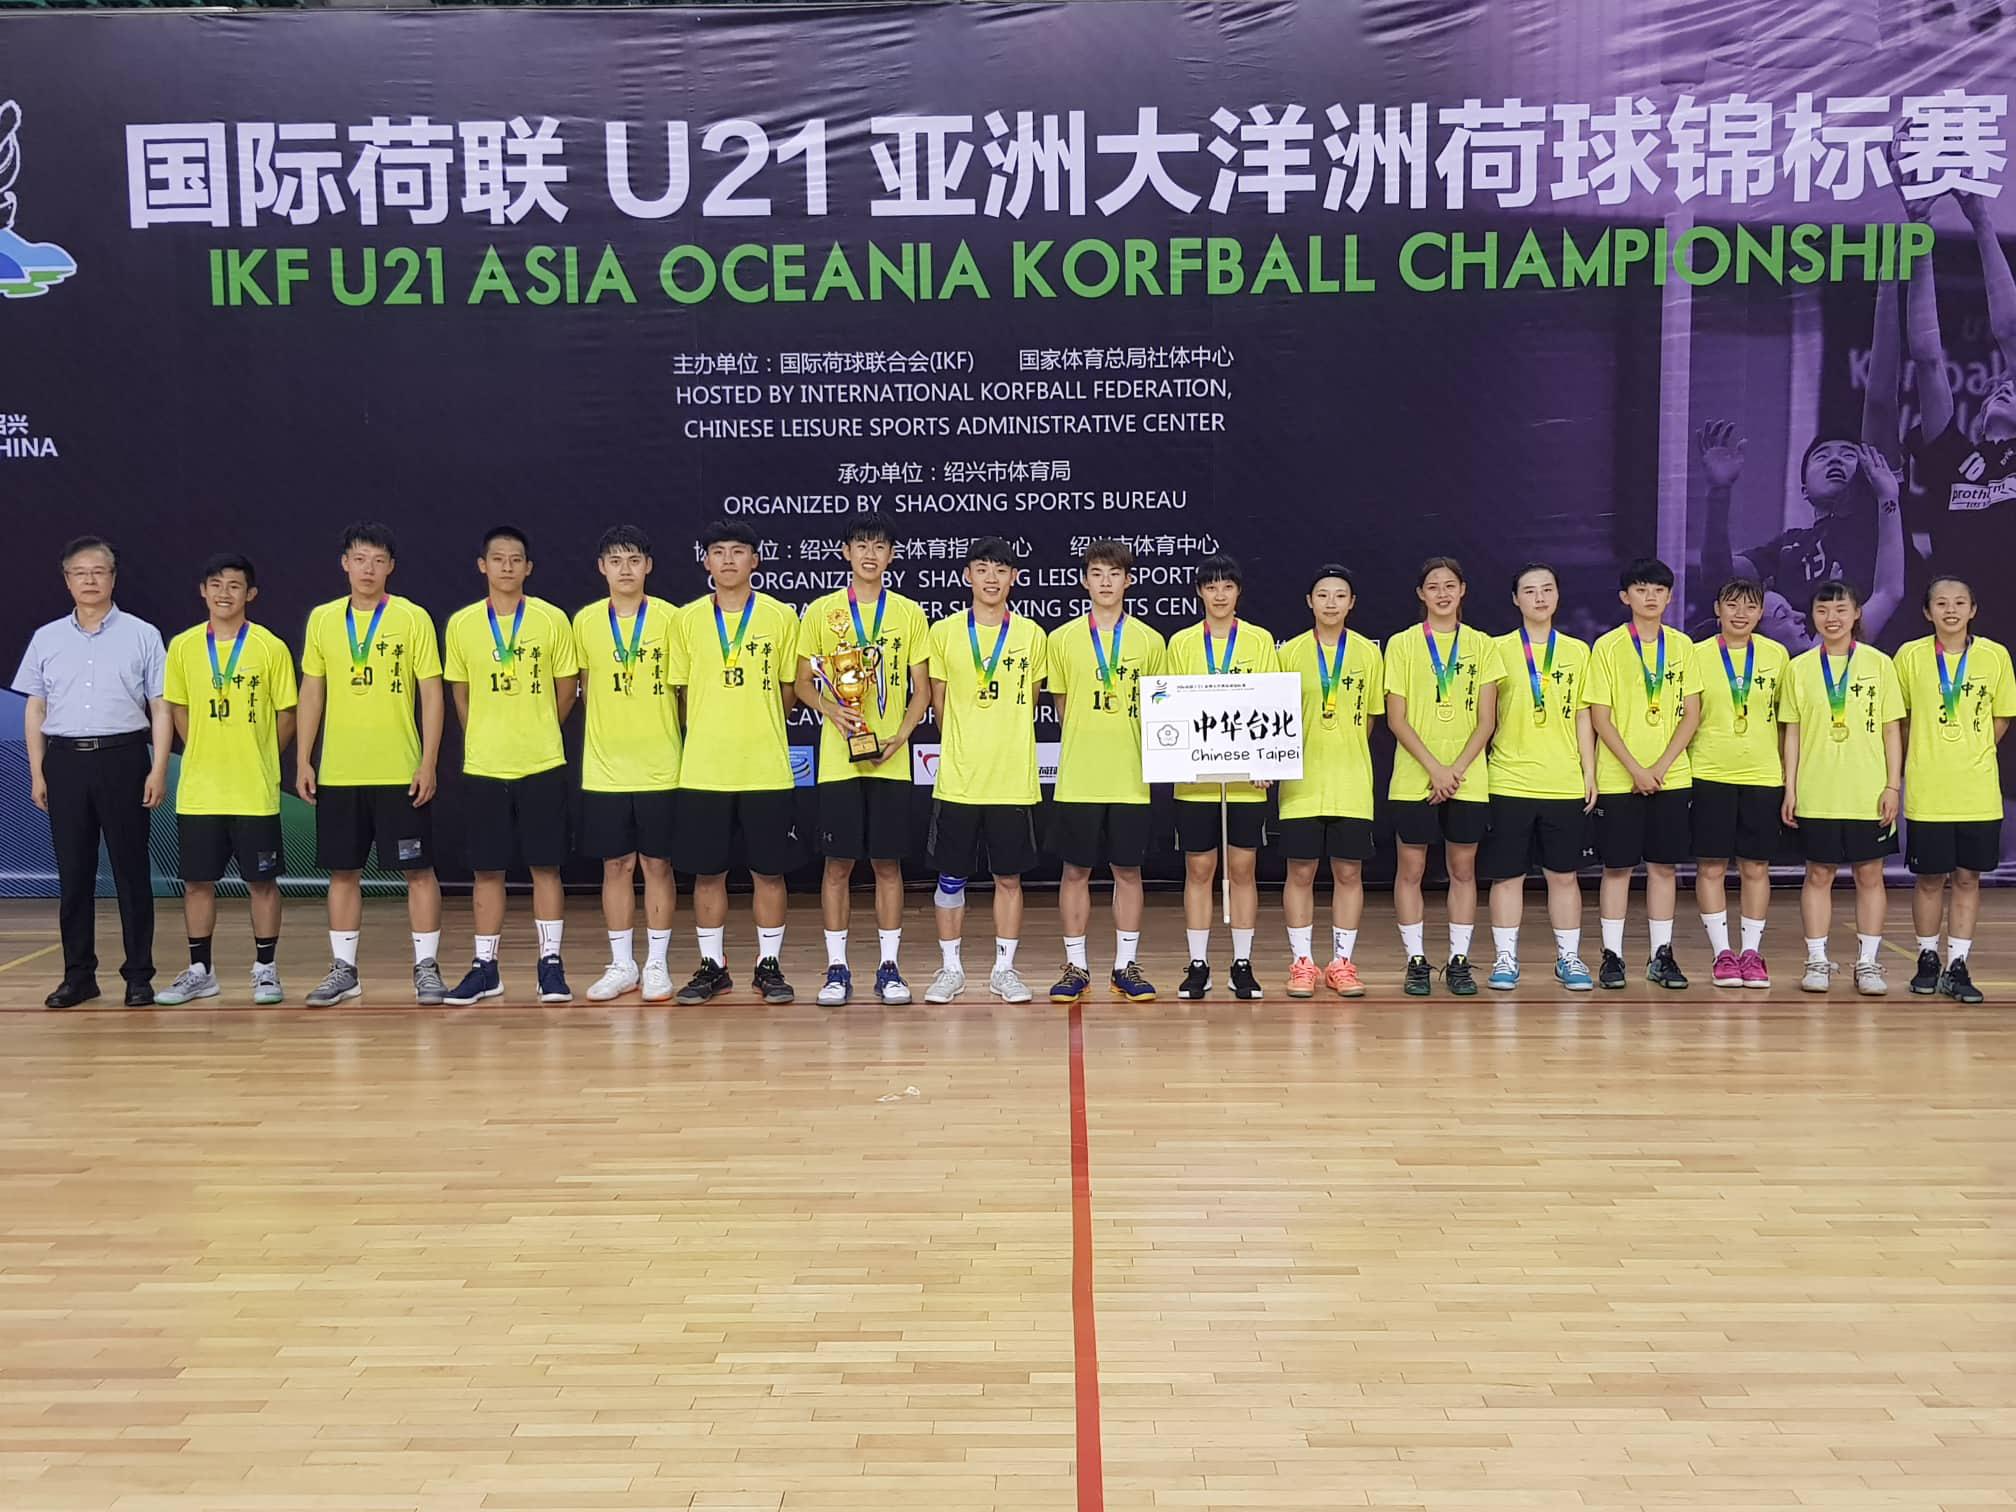 Chinese Taipei wins the IKF U21 Asia Oceania Korfball